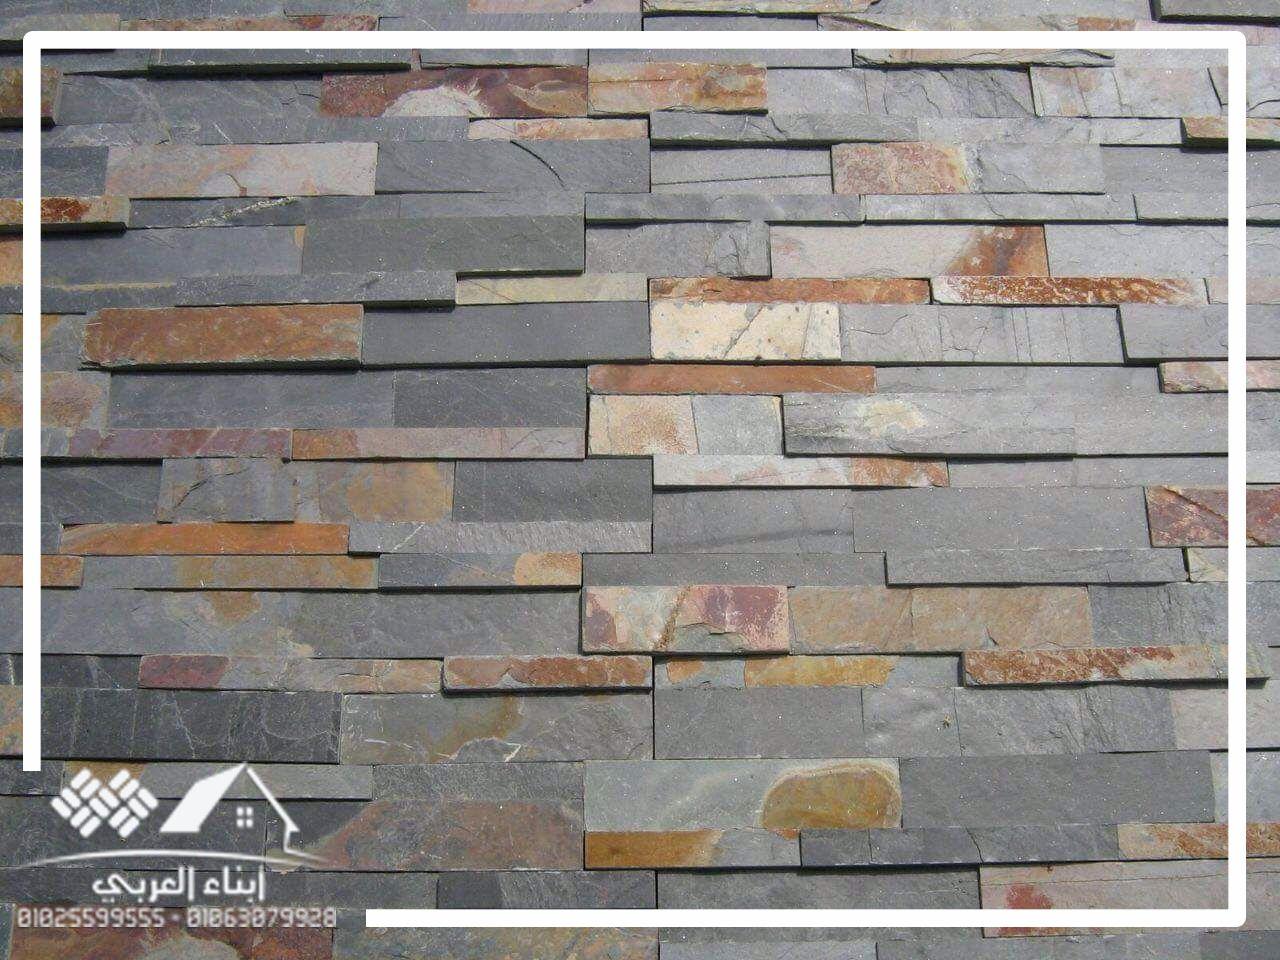 حجر مايكا Stone Siding Exterior Manufactured Stone Stone Siding